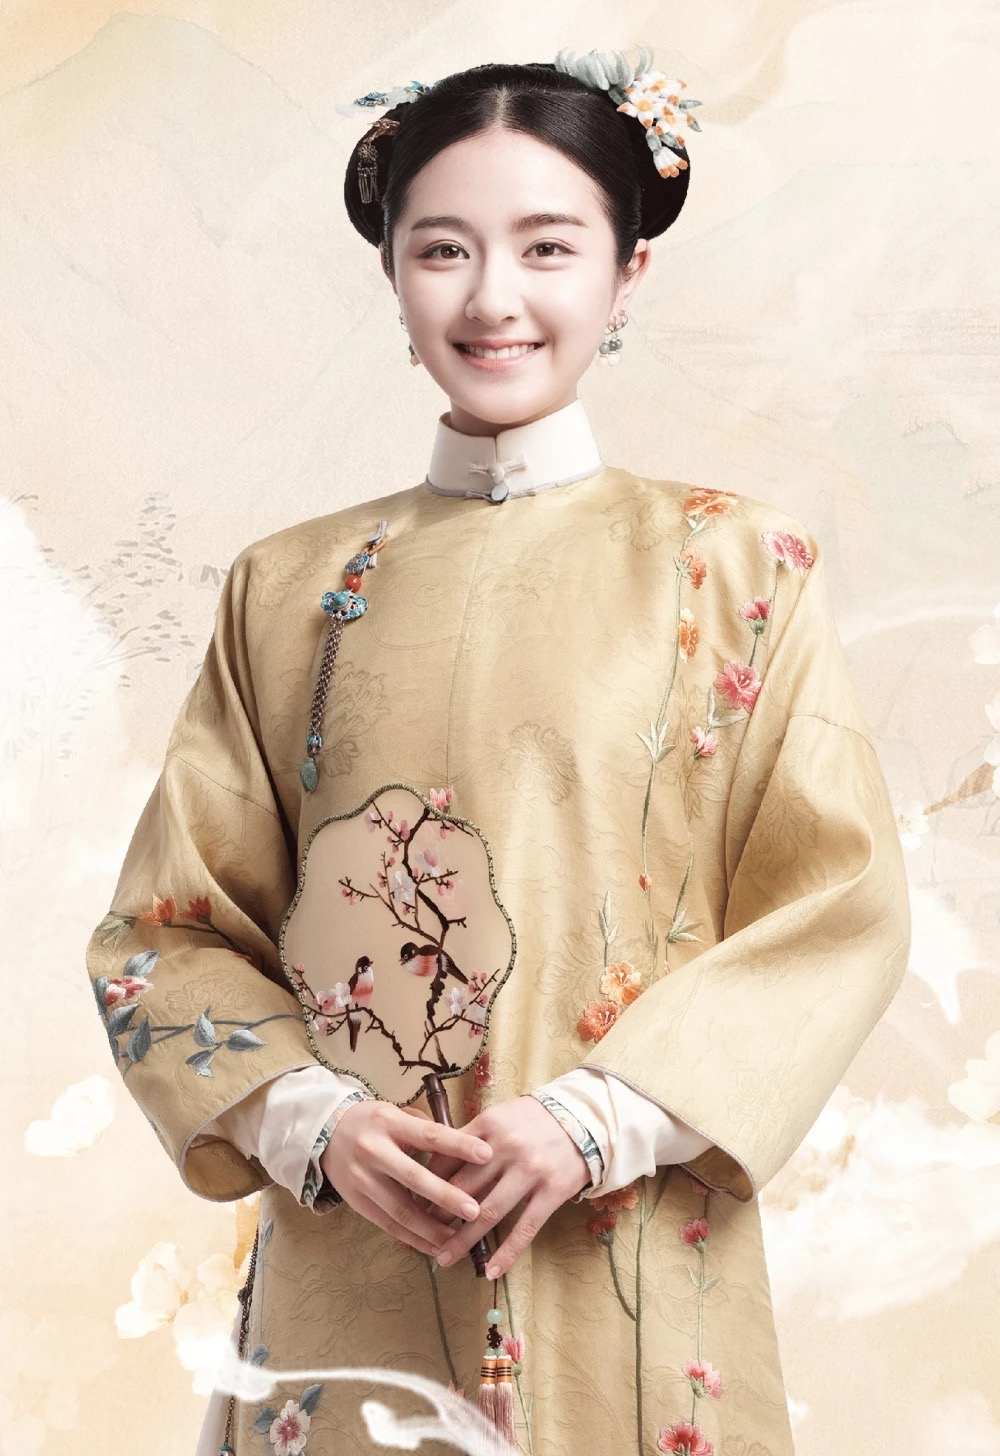 清穿三座大山都拍摄成电视剧,可只有刘诗诗这部最火插图(9)